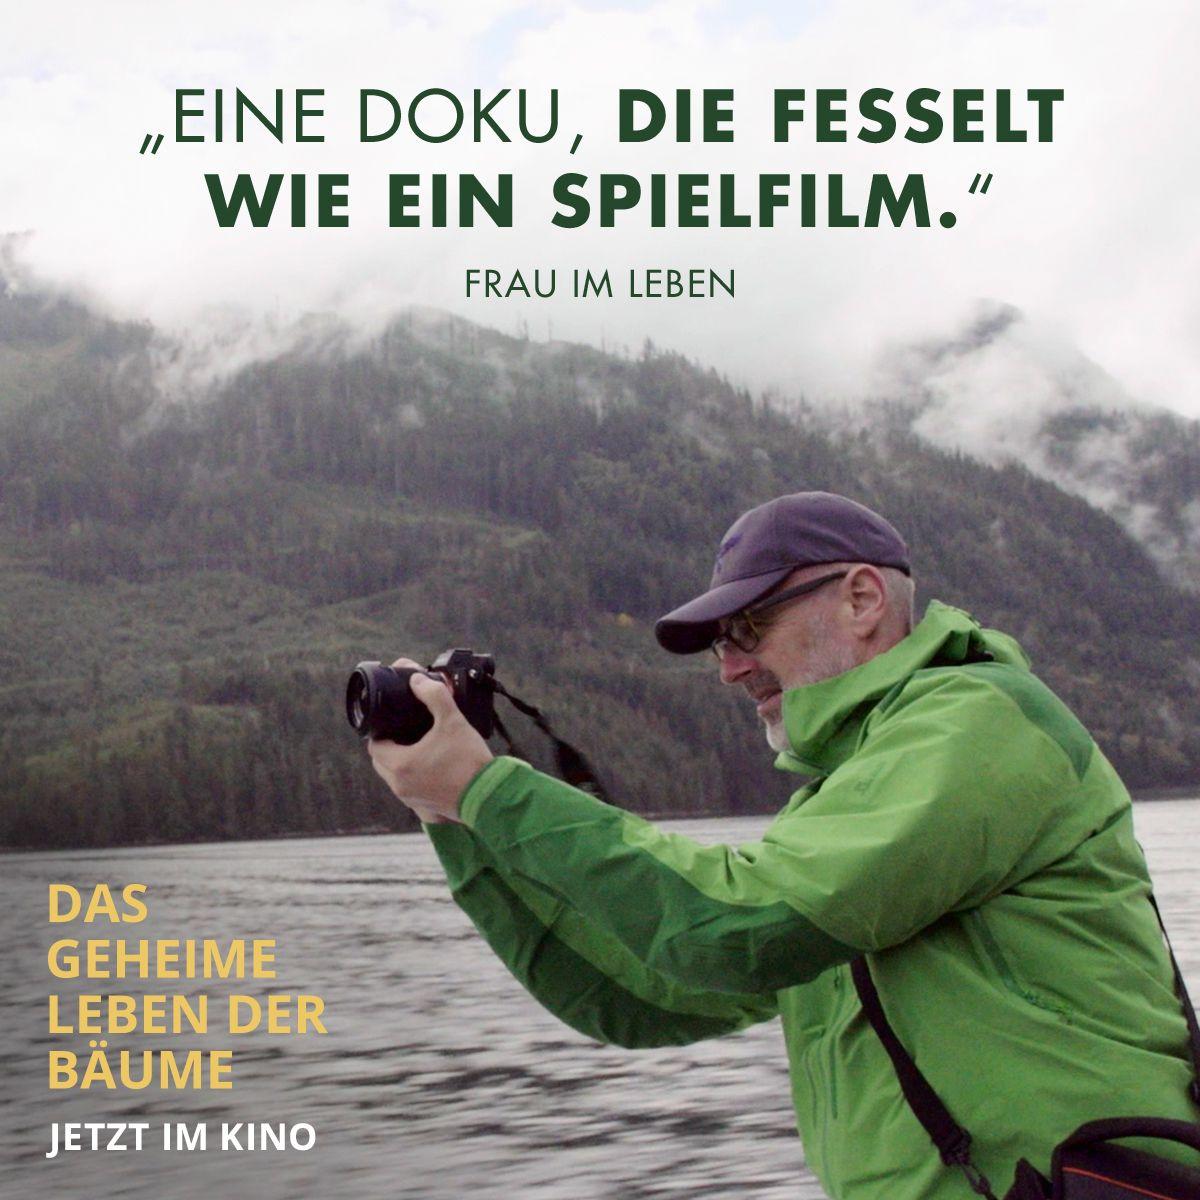 Pin Von Constantin Film Auf Das Geheime Leben Der Baume Constantin Film Filme Und Frau Im Leben